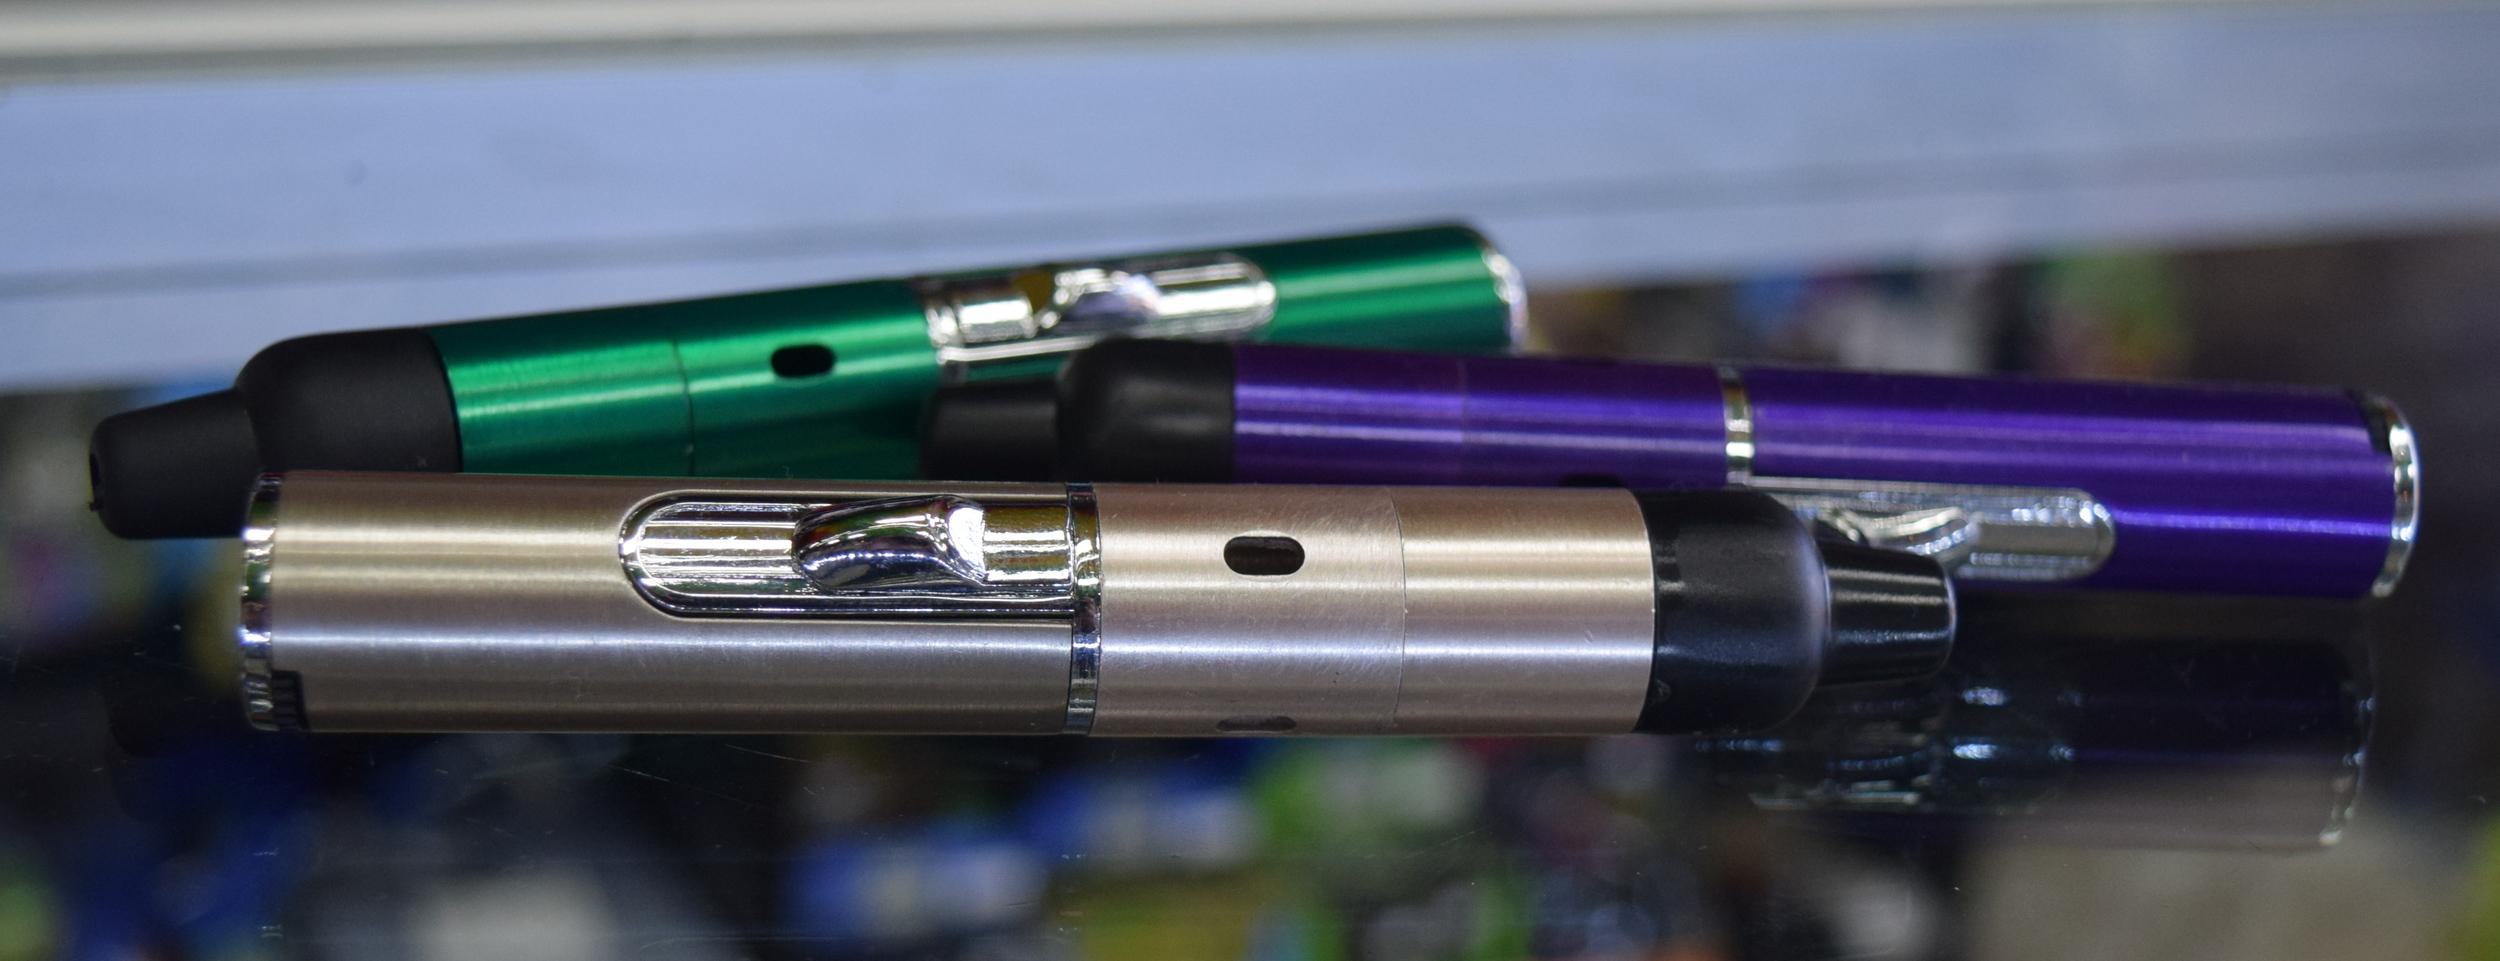 butane vape pen st. louis mo head shop